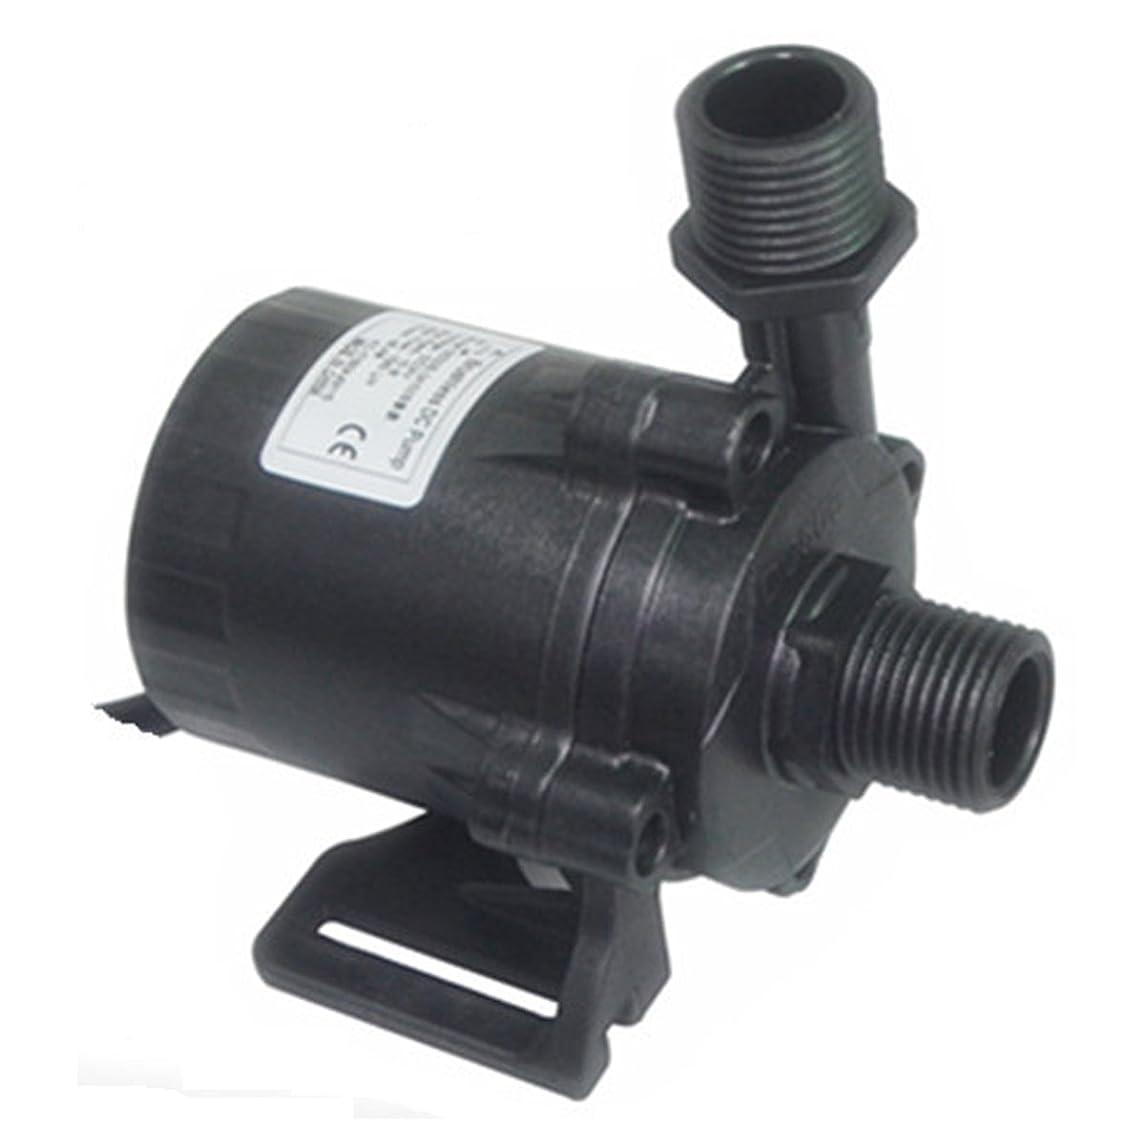 KIMIX DC24V 3.6A 86.4W 揚程15M 1560L/H 小型 水中 ポンプ 低ノズル 水族館給水 排水 池ポンプ 庭池 自動化設備水循環 ハイパワー 潜水インストール